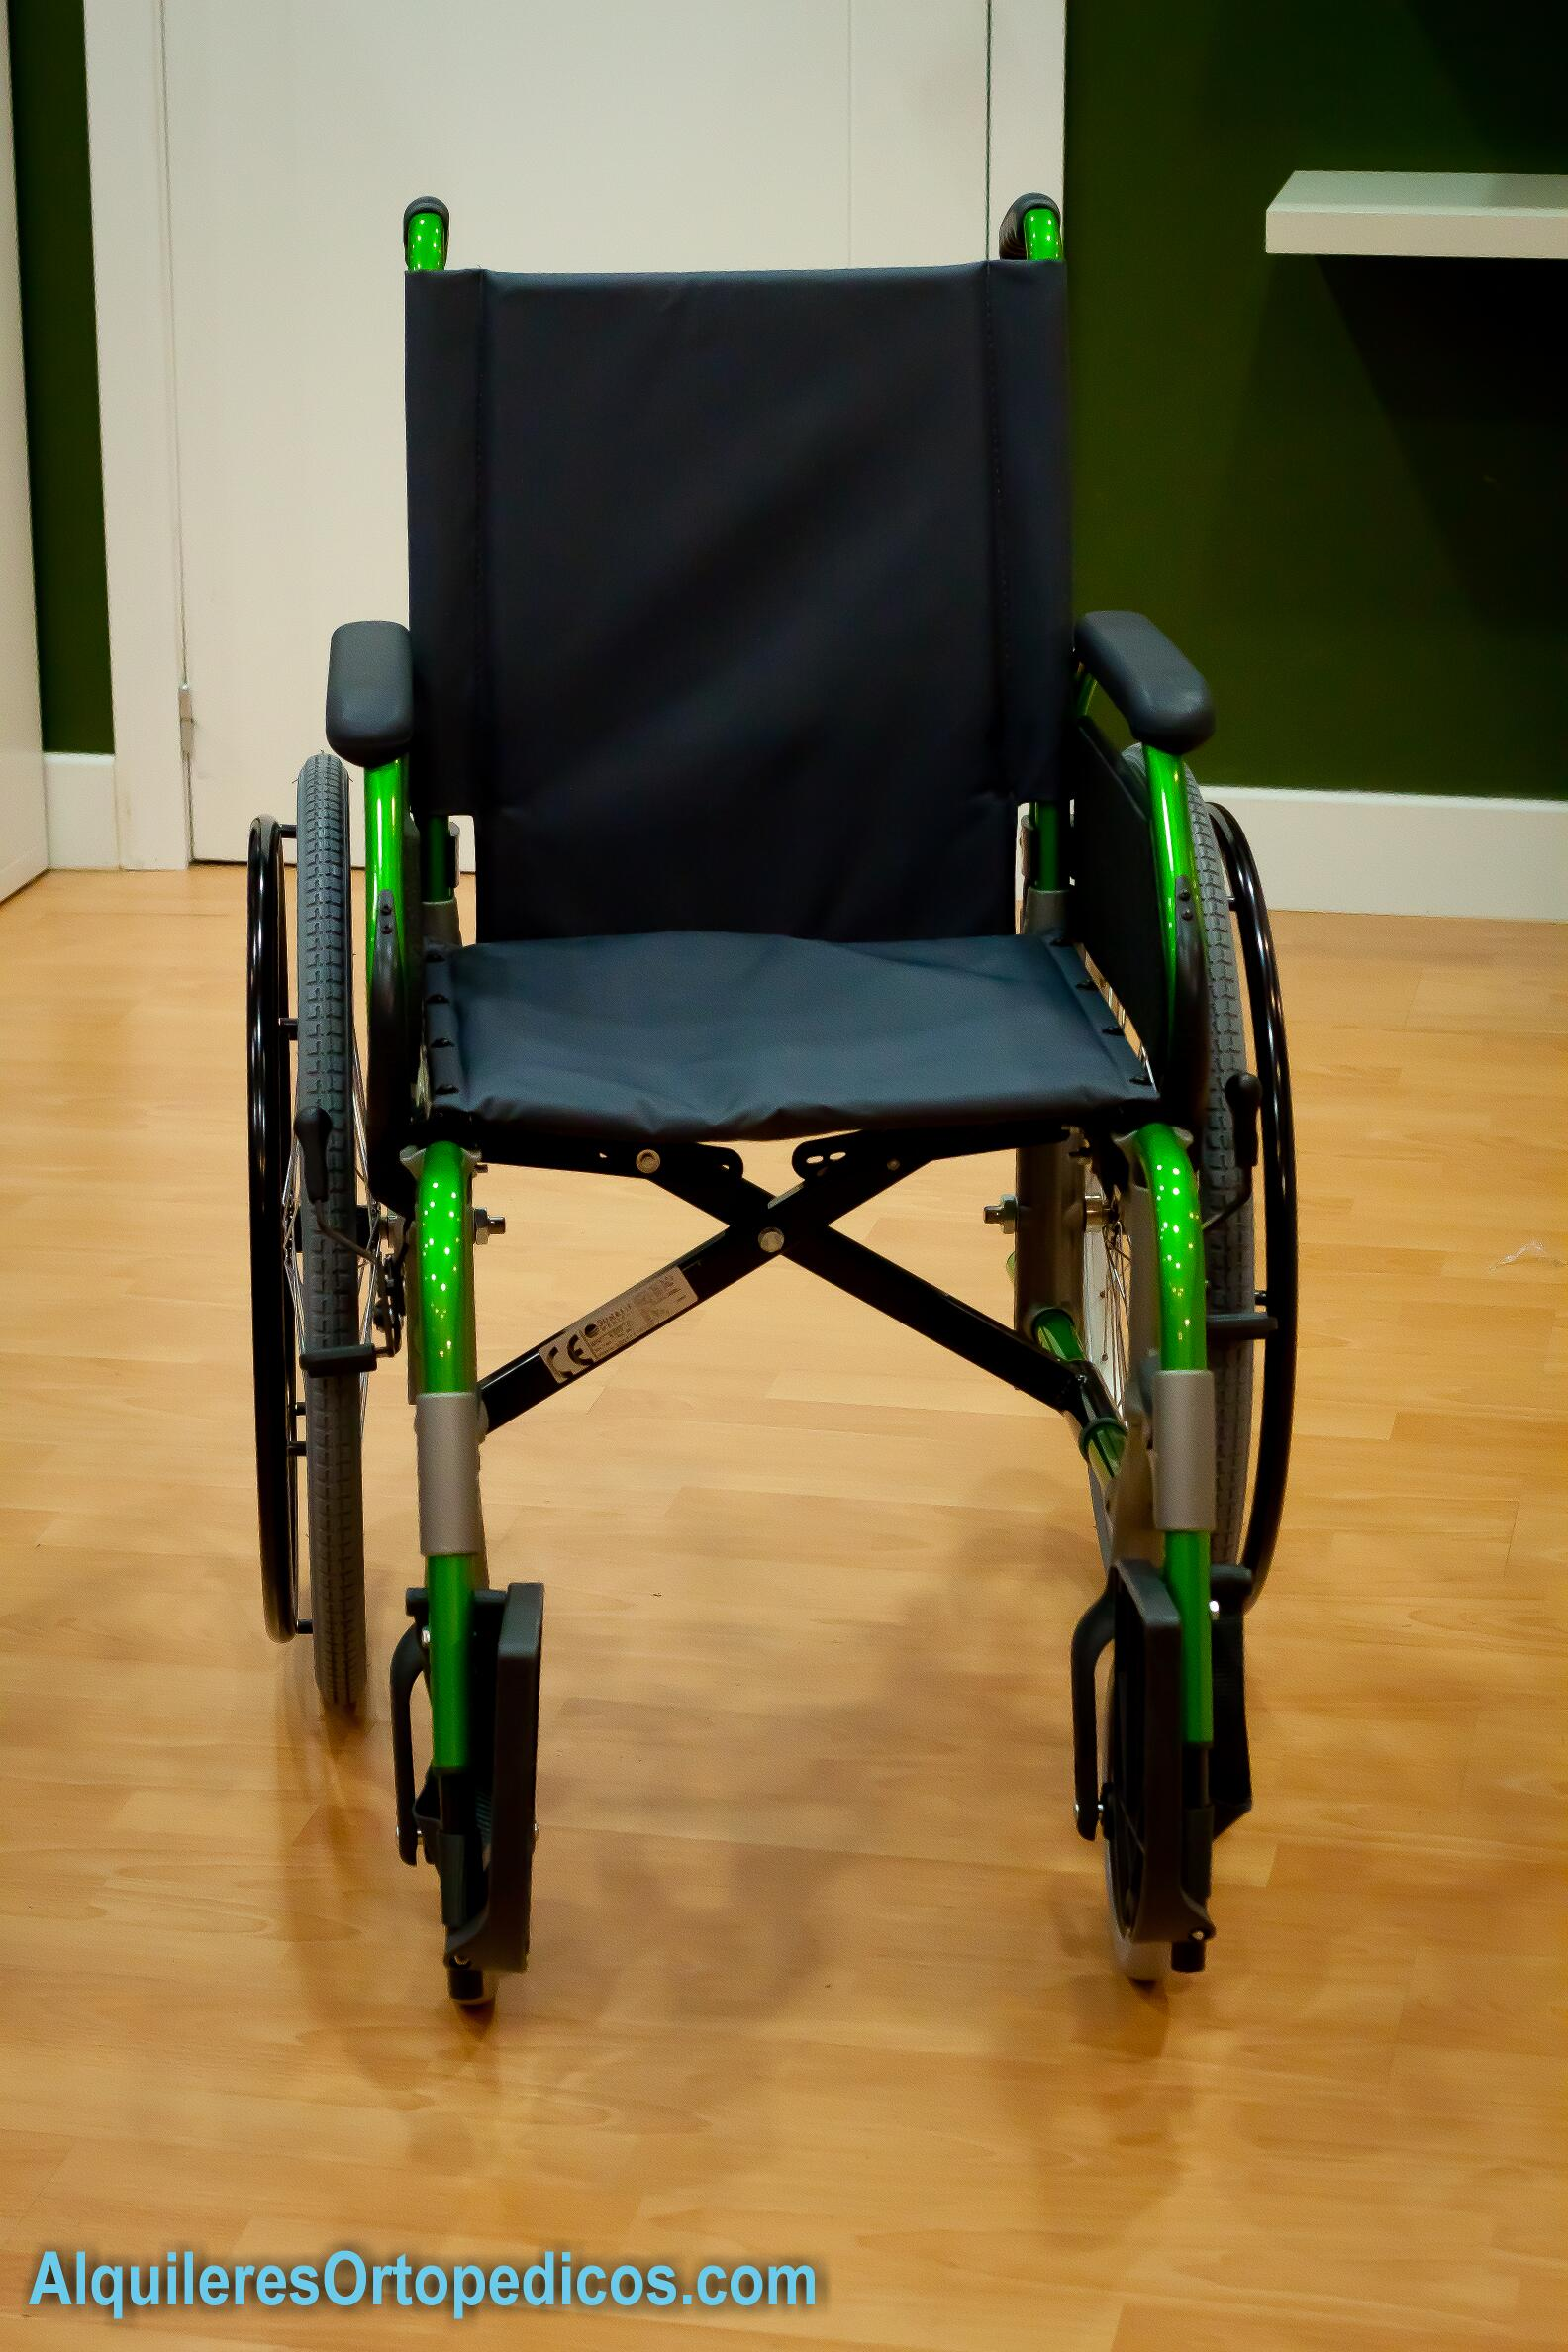 Alquiler sillas de ruedas valencia 50020 silla ideas for Sillas para rentar